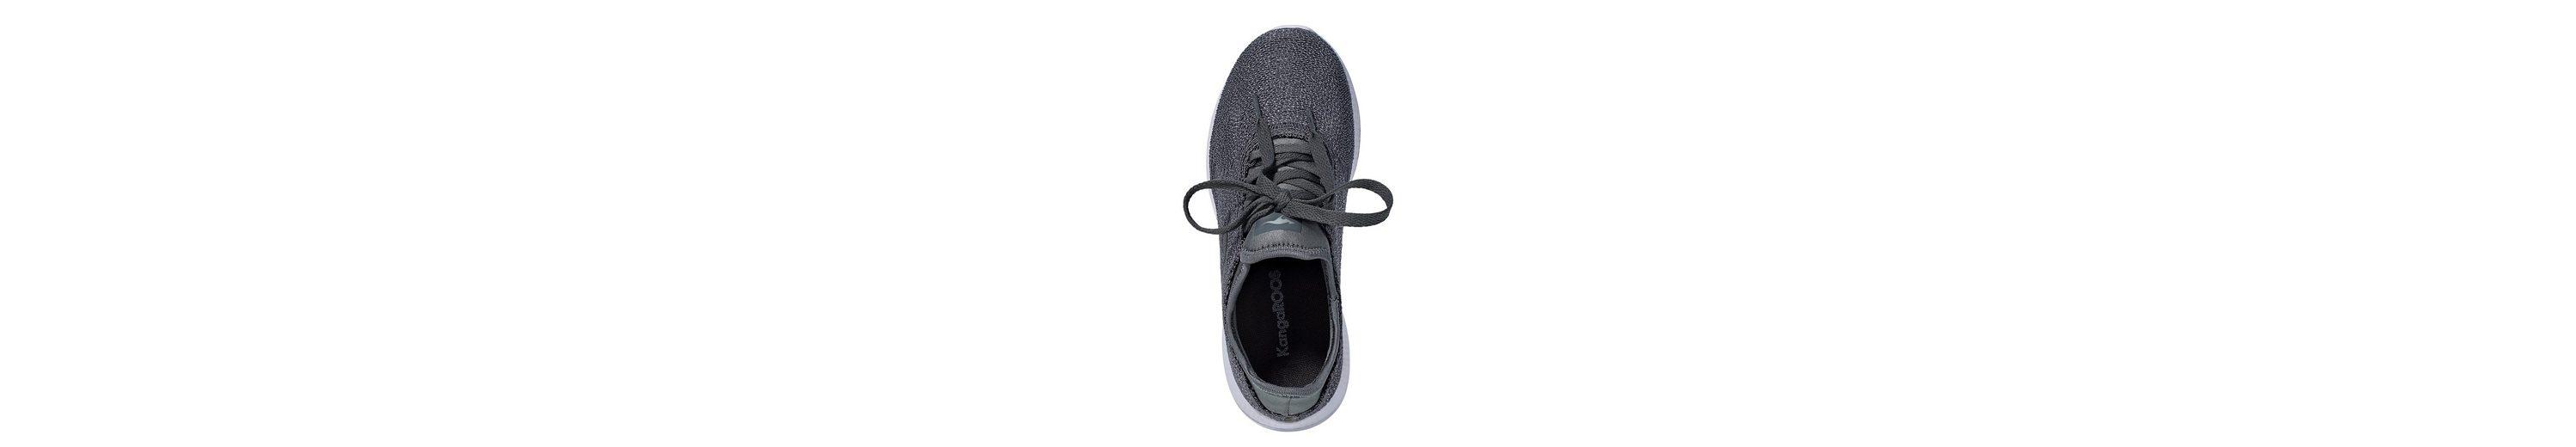 Große Überraschung Günstig Online Spielraum Beliebt KangaROOS Sneaker Zum Verkauf Rabatt Verkauf Ganz Welt Versand Günstig Kaufen Empfehlen 7Vlyk